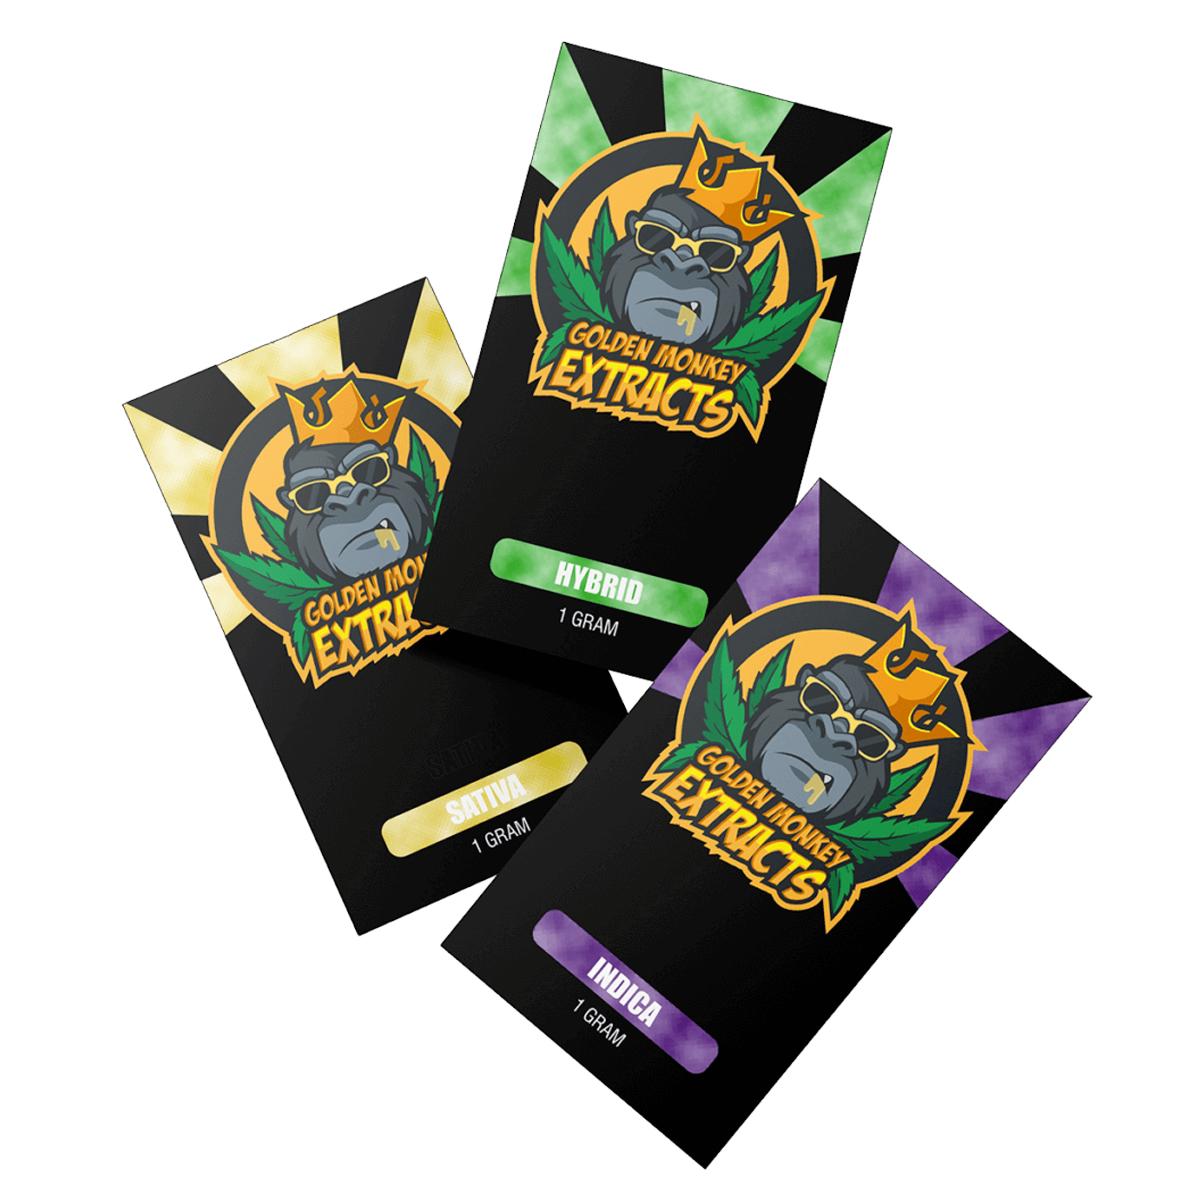 Golden Monkey - Gorilla Glue- Fruit Punch Shatter 1g